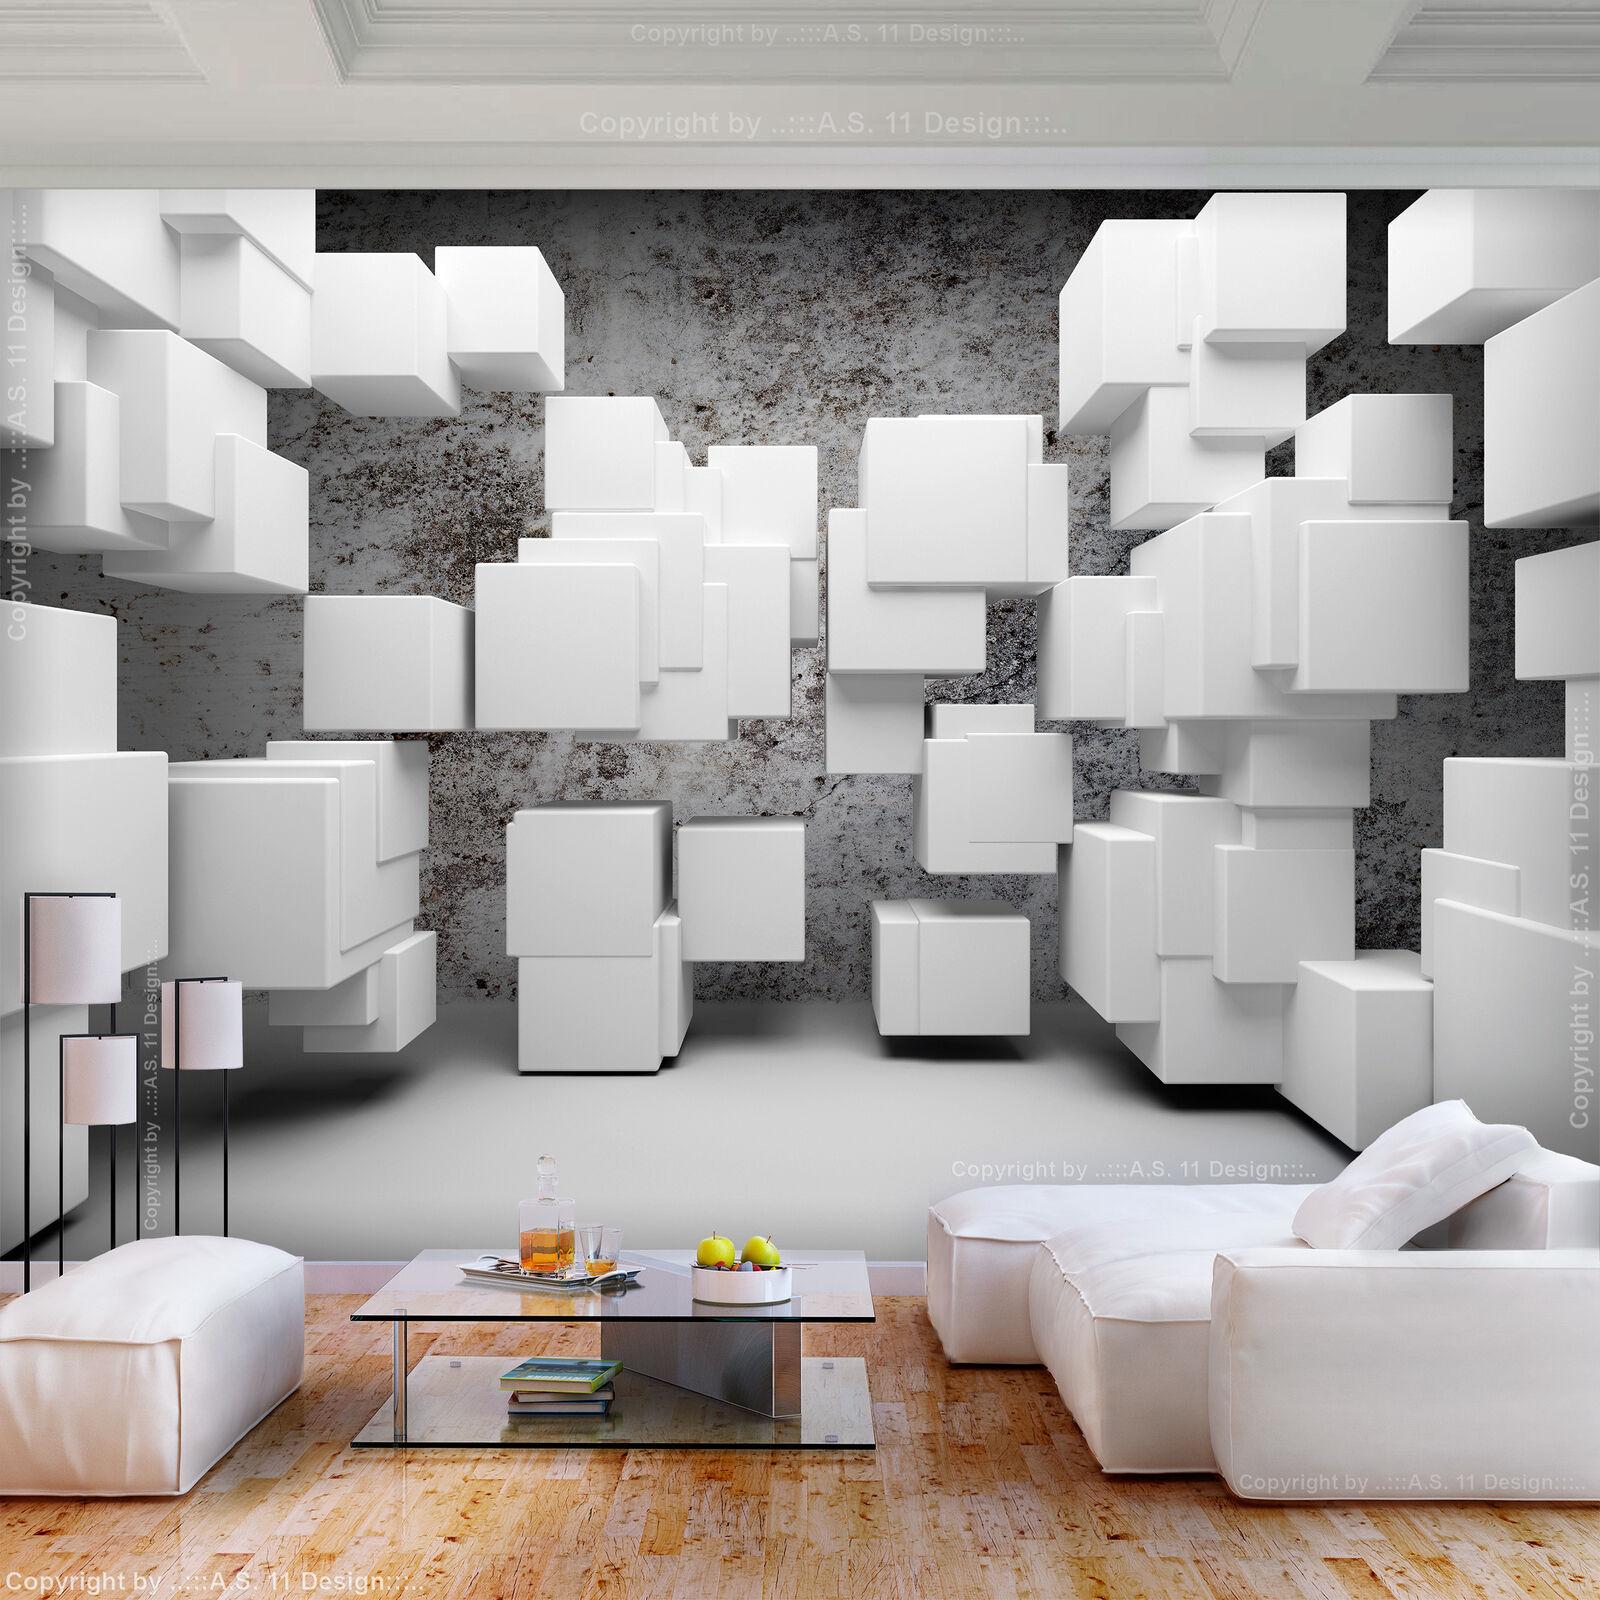 VLIES FOTOTAPETE Abstrakt wei grau 3D effekt TAPETE Wohnzimmer WANDBILDER XXL